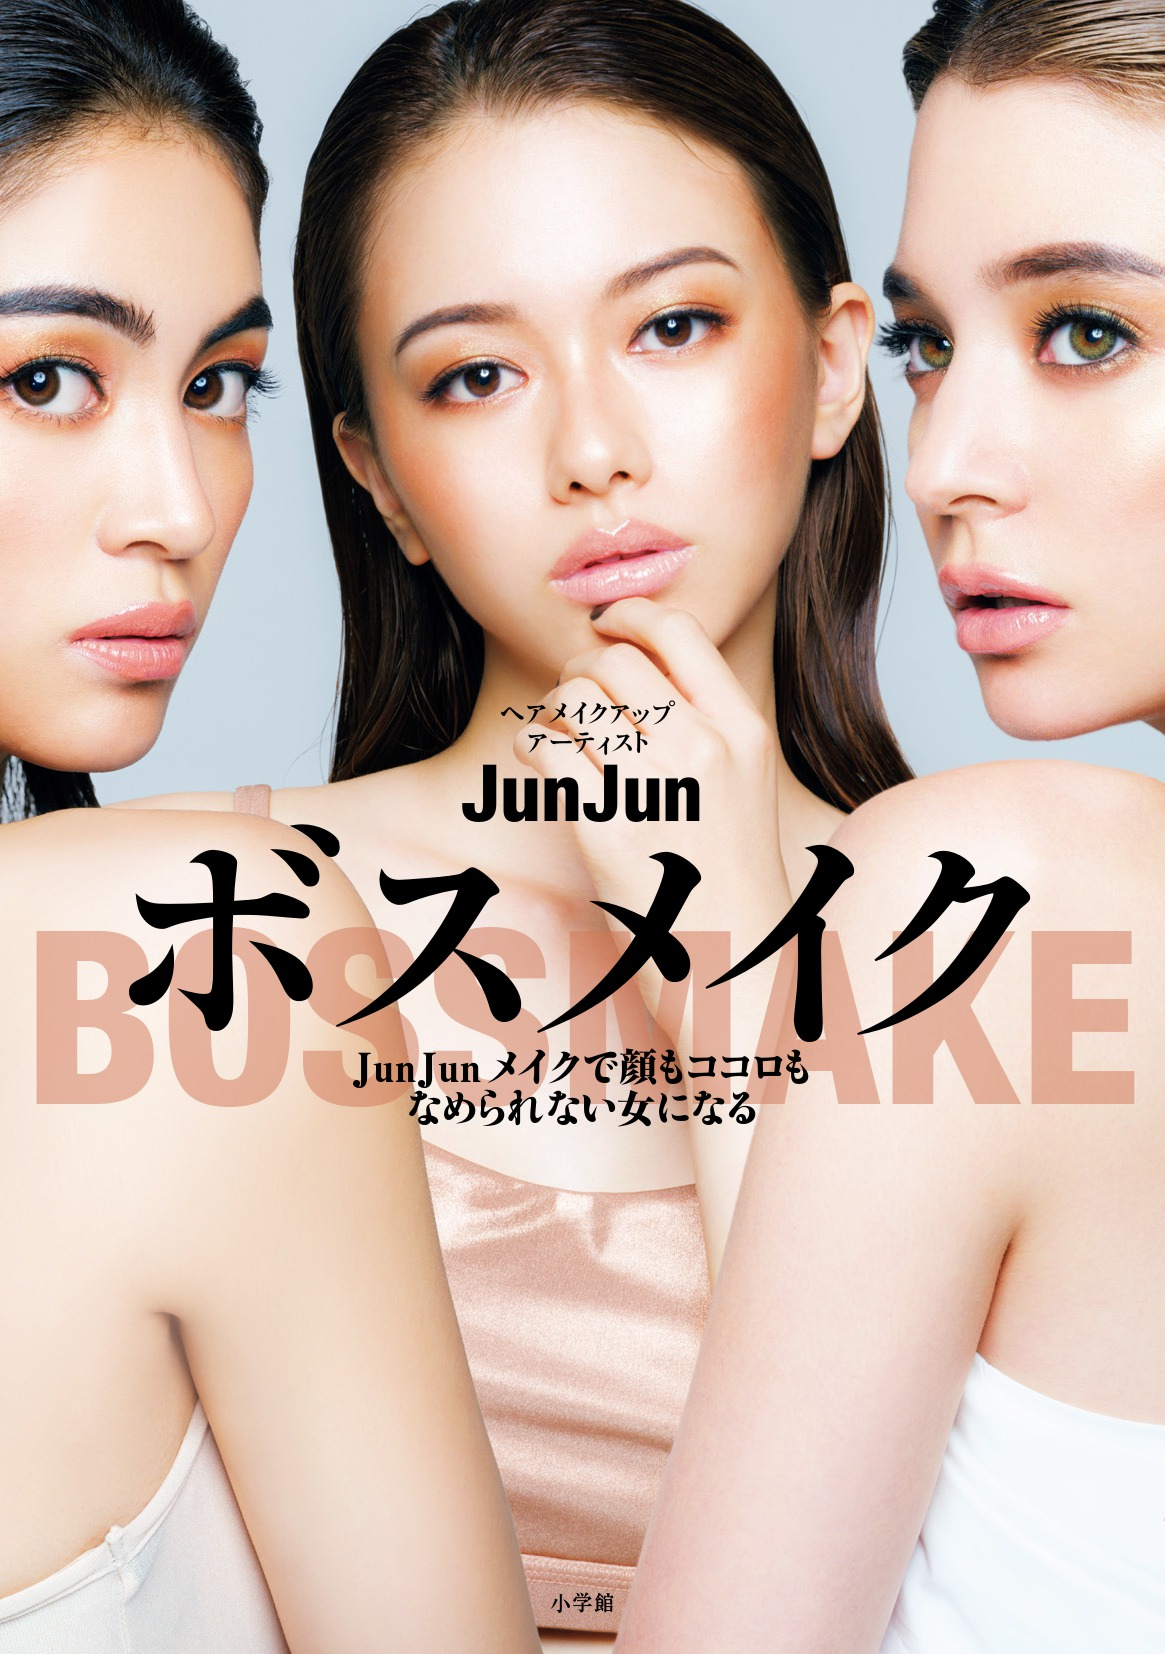 JunJun BOSSMAKE Tour 2019 6月30日(日)沖縄公演